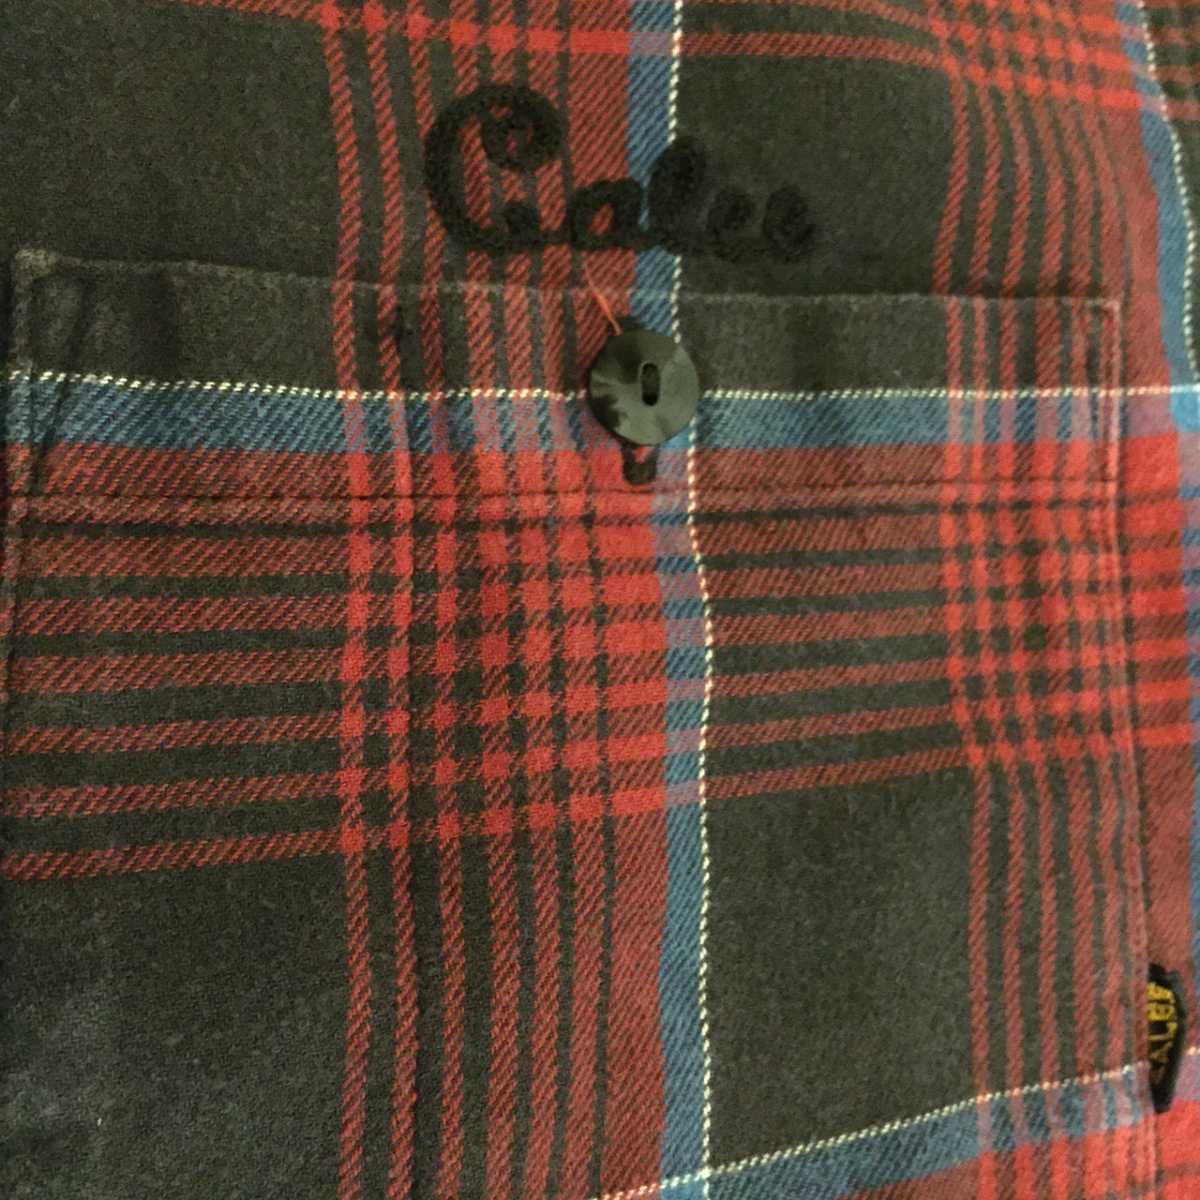 CALEE ネルシャツ チェック柄 チェックシャツ 長袖 キャリー XL